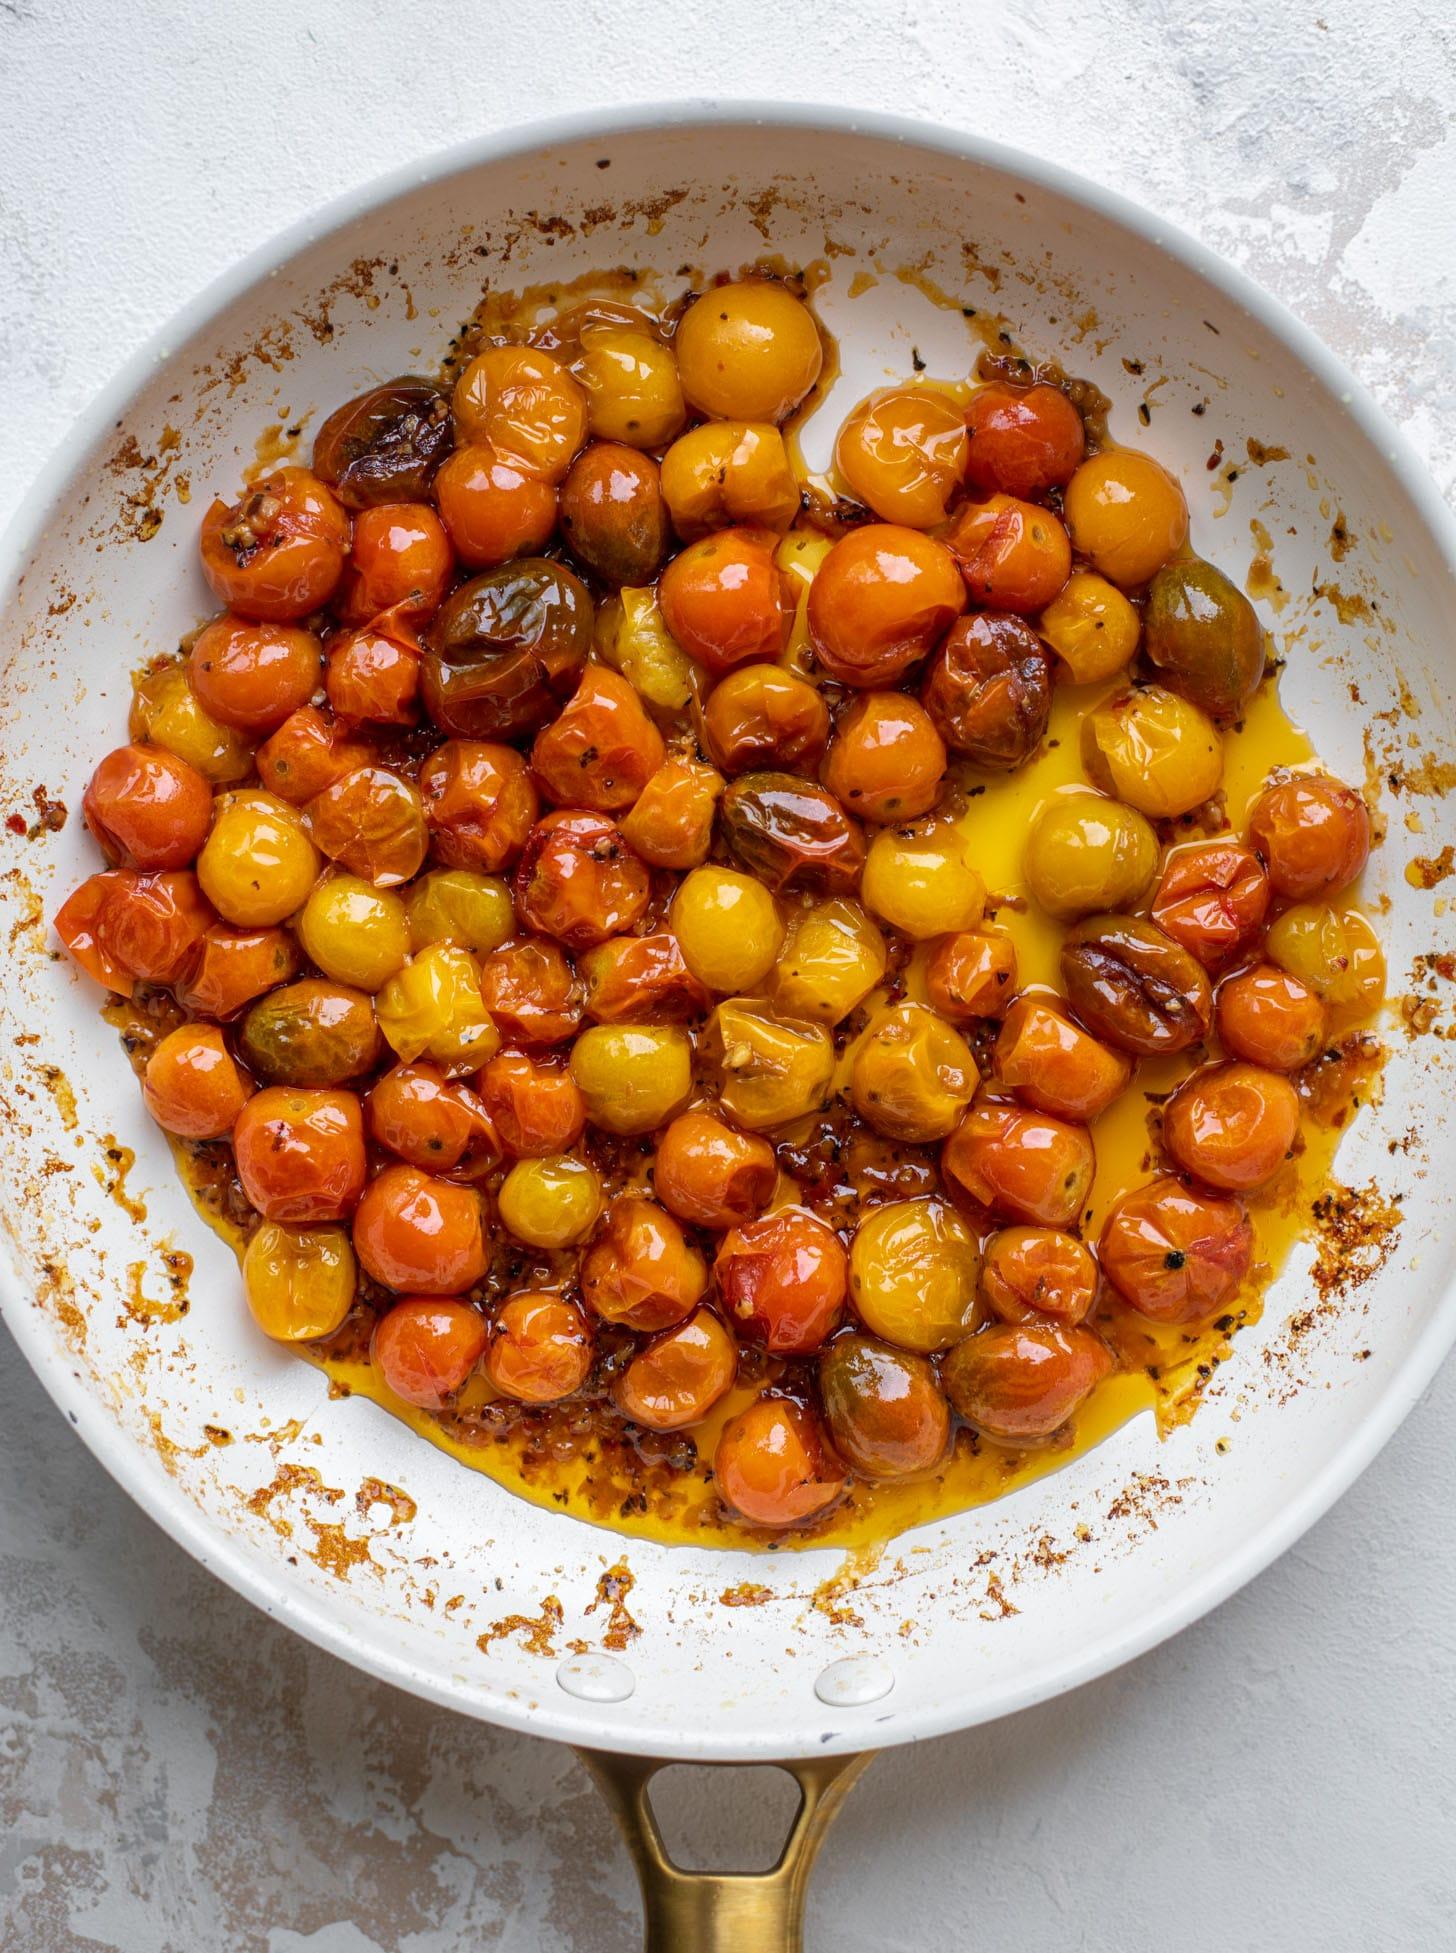 burst tomatoes and garlic